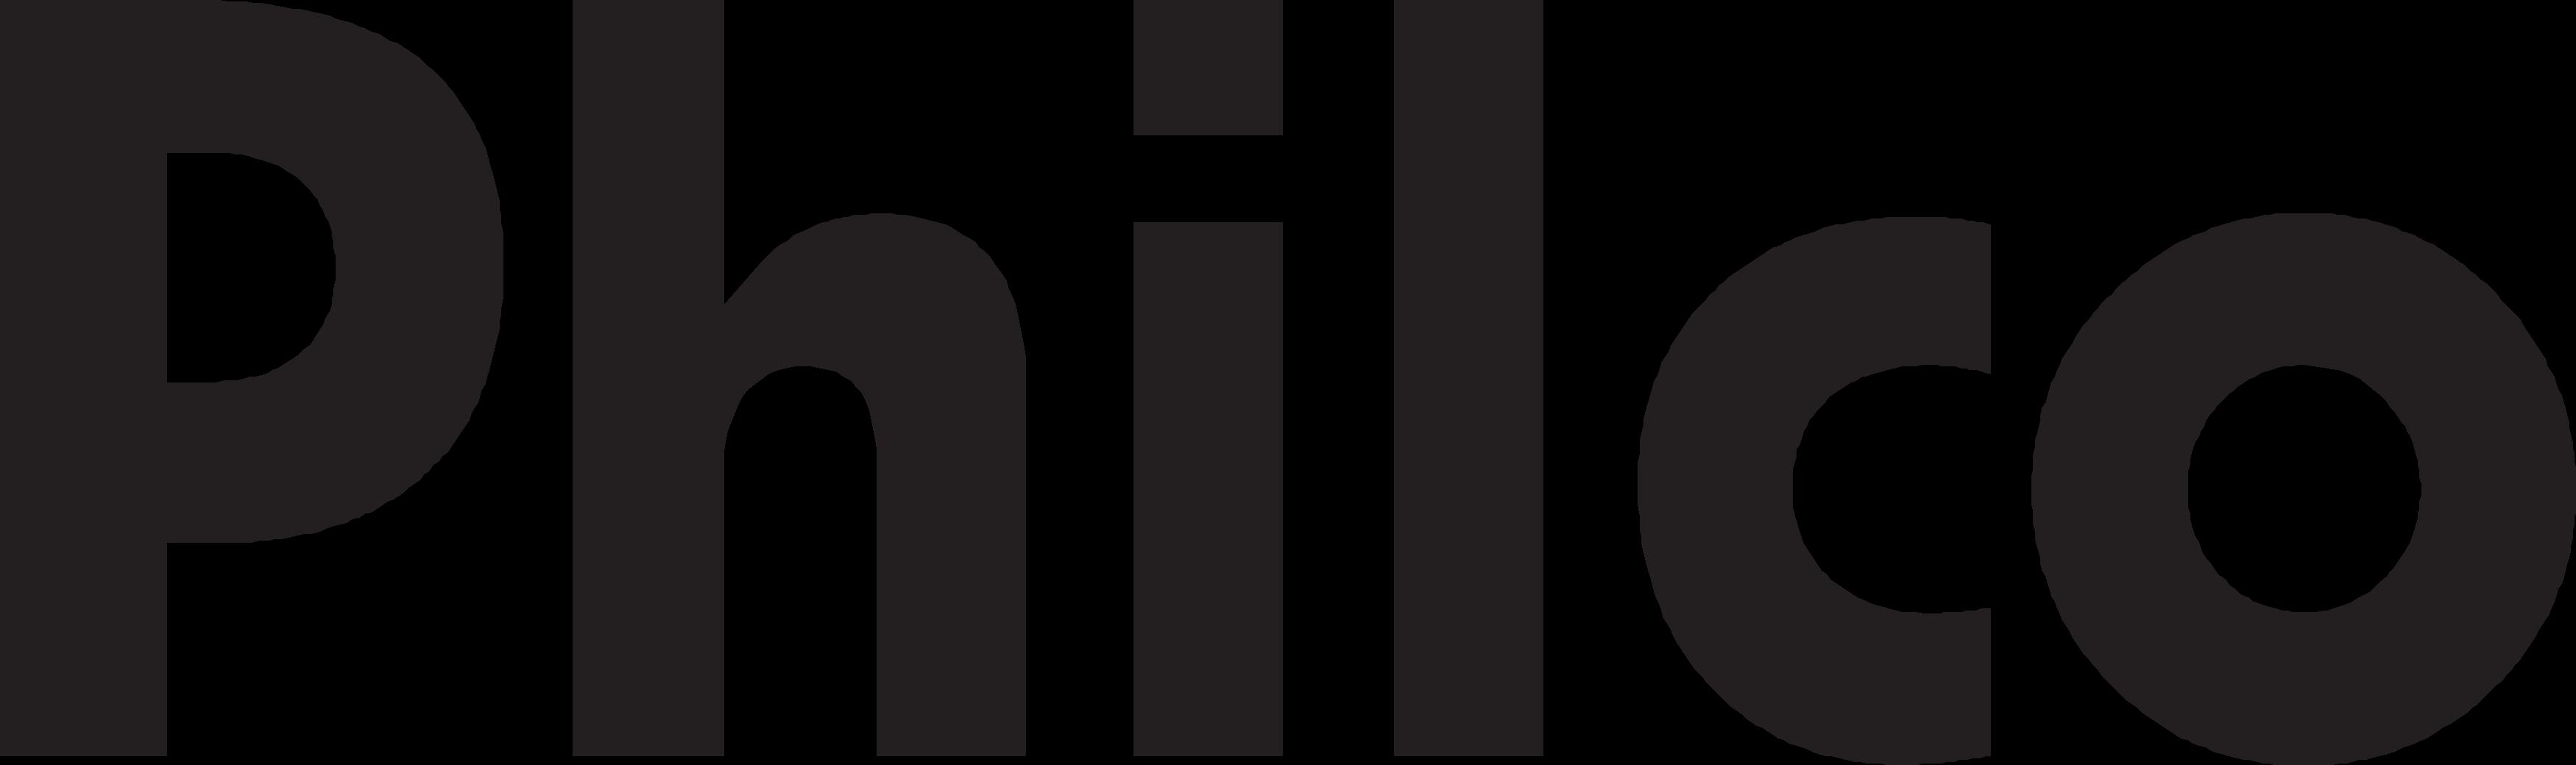 Logo da marca philco